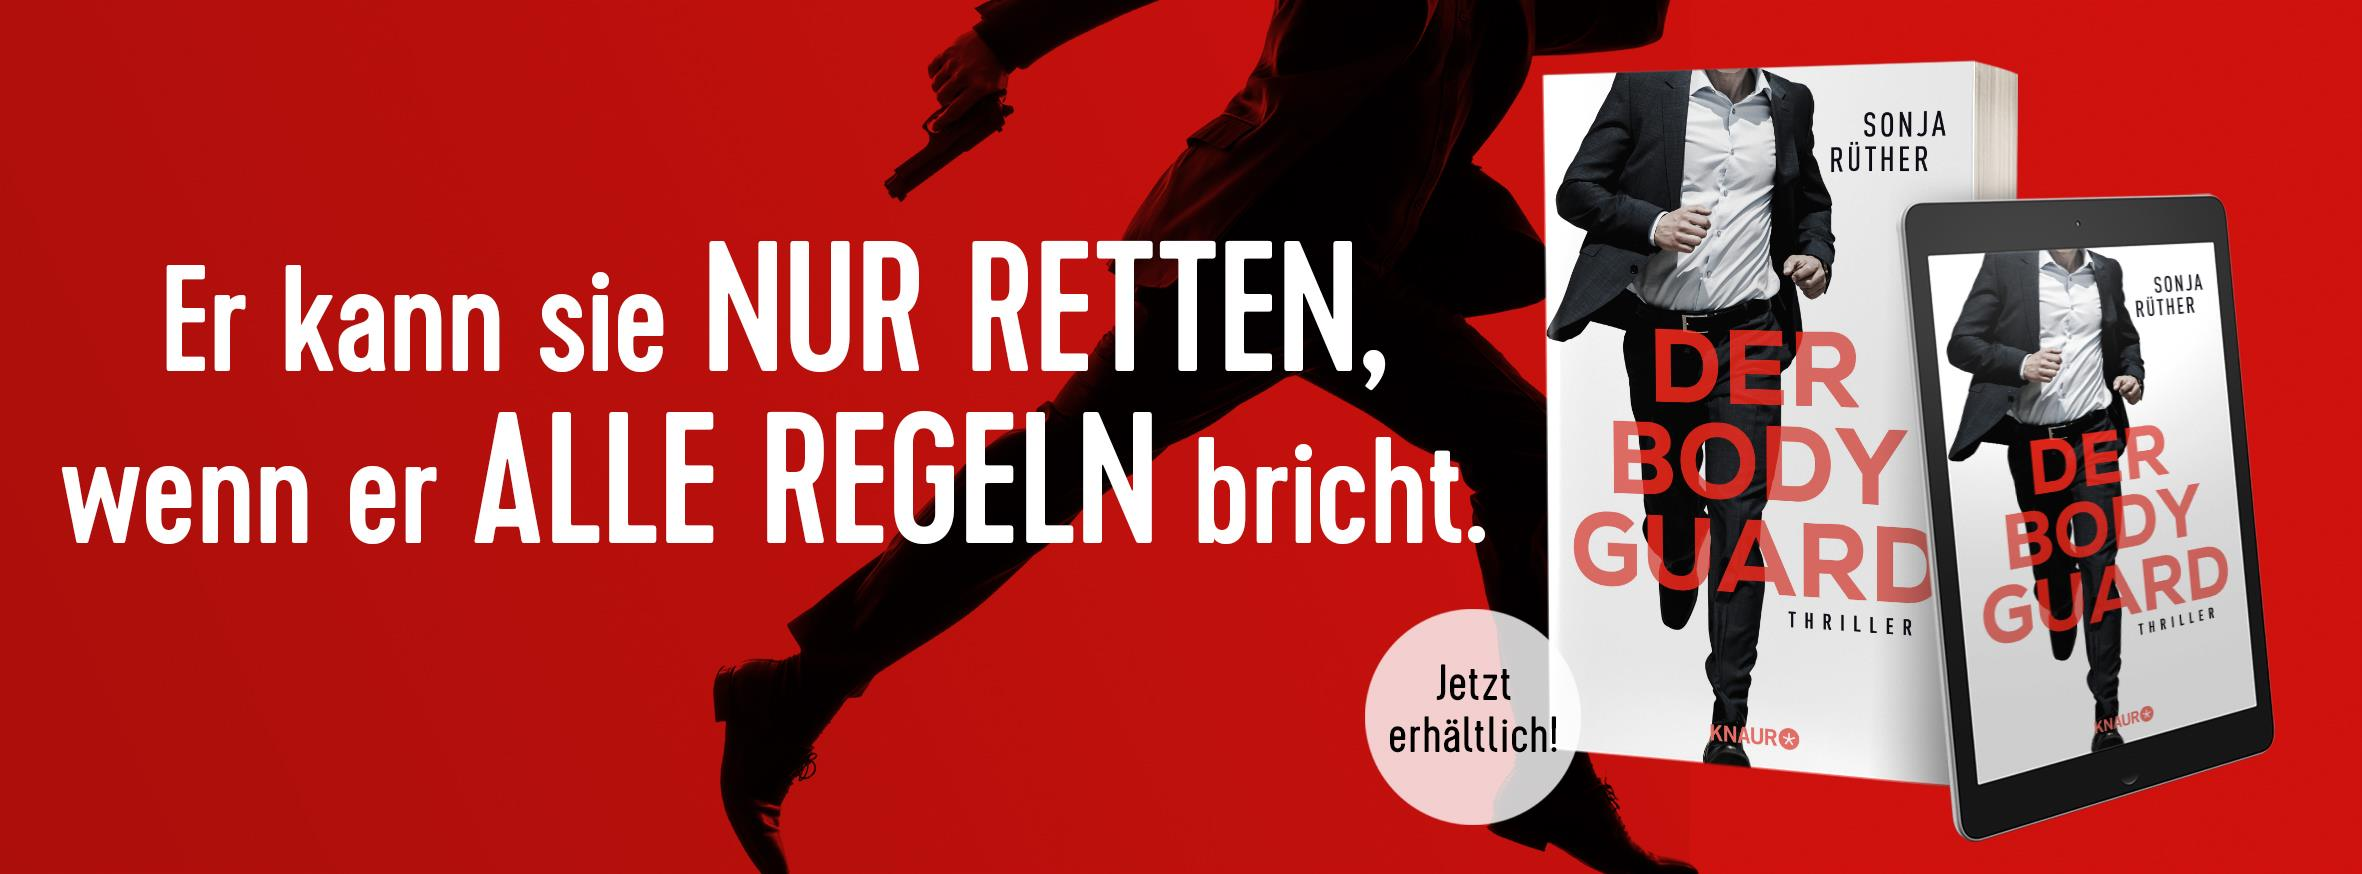 Banner zu #rettemich und dem Buch: Der Bodyguard von Sonja Rüther